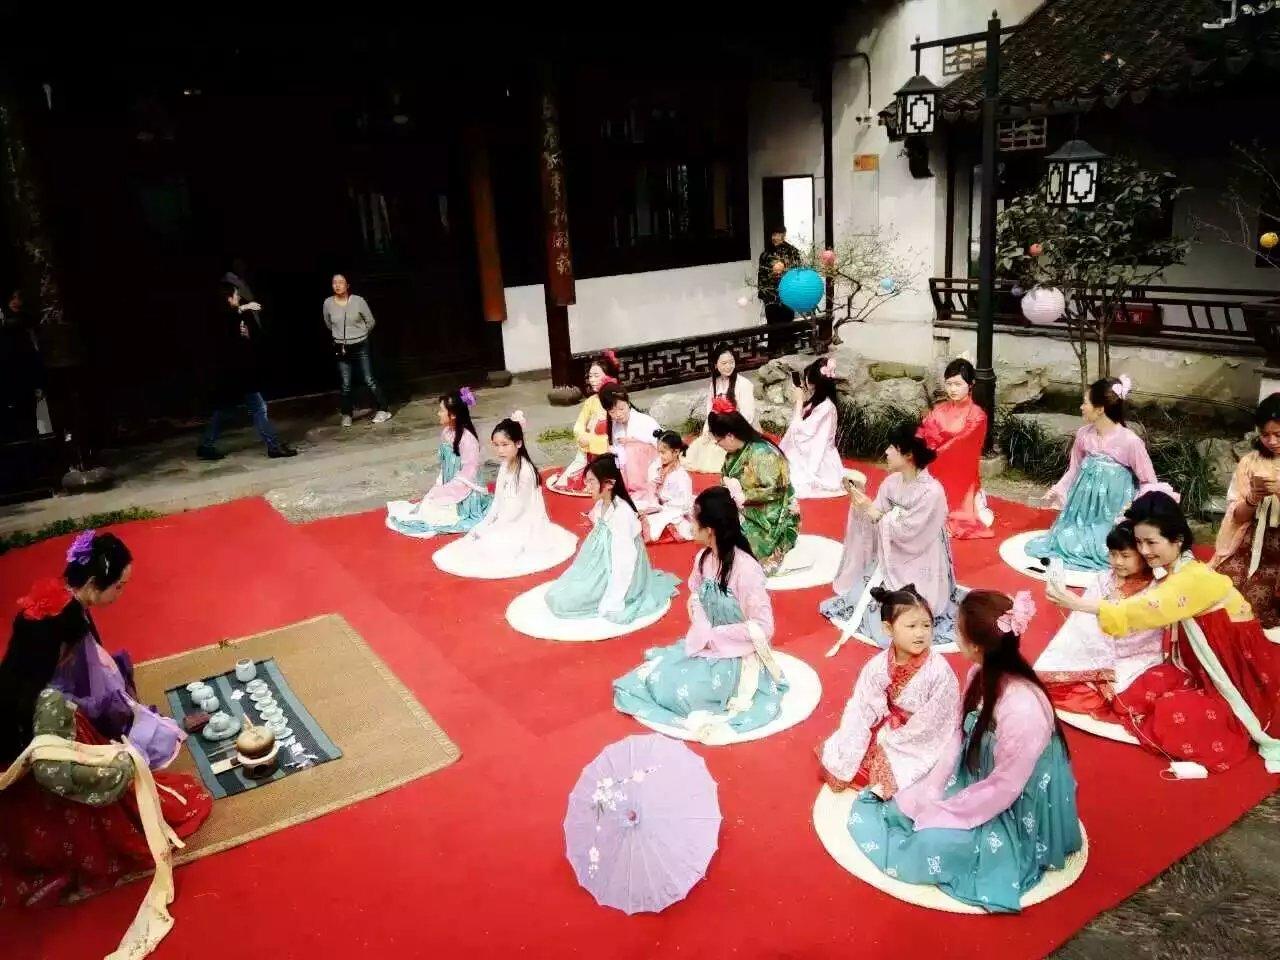 南京举办花朝节汉服活动